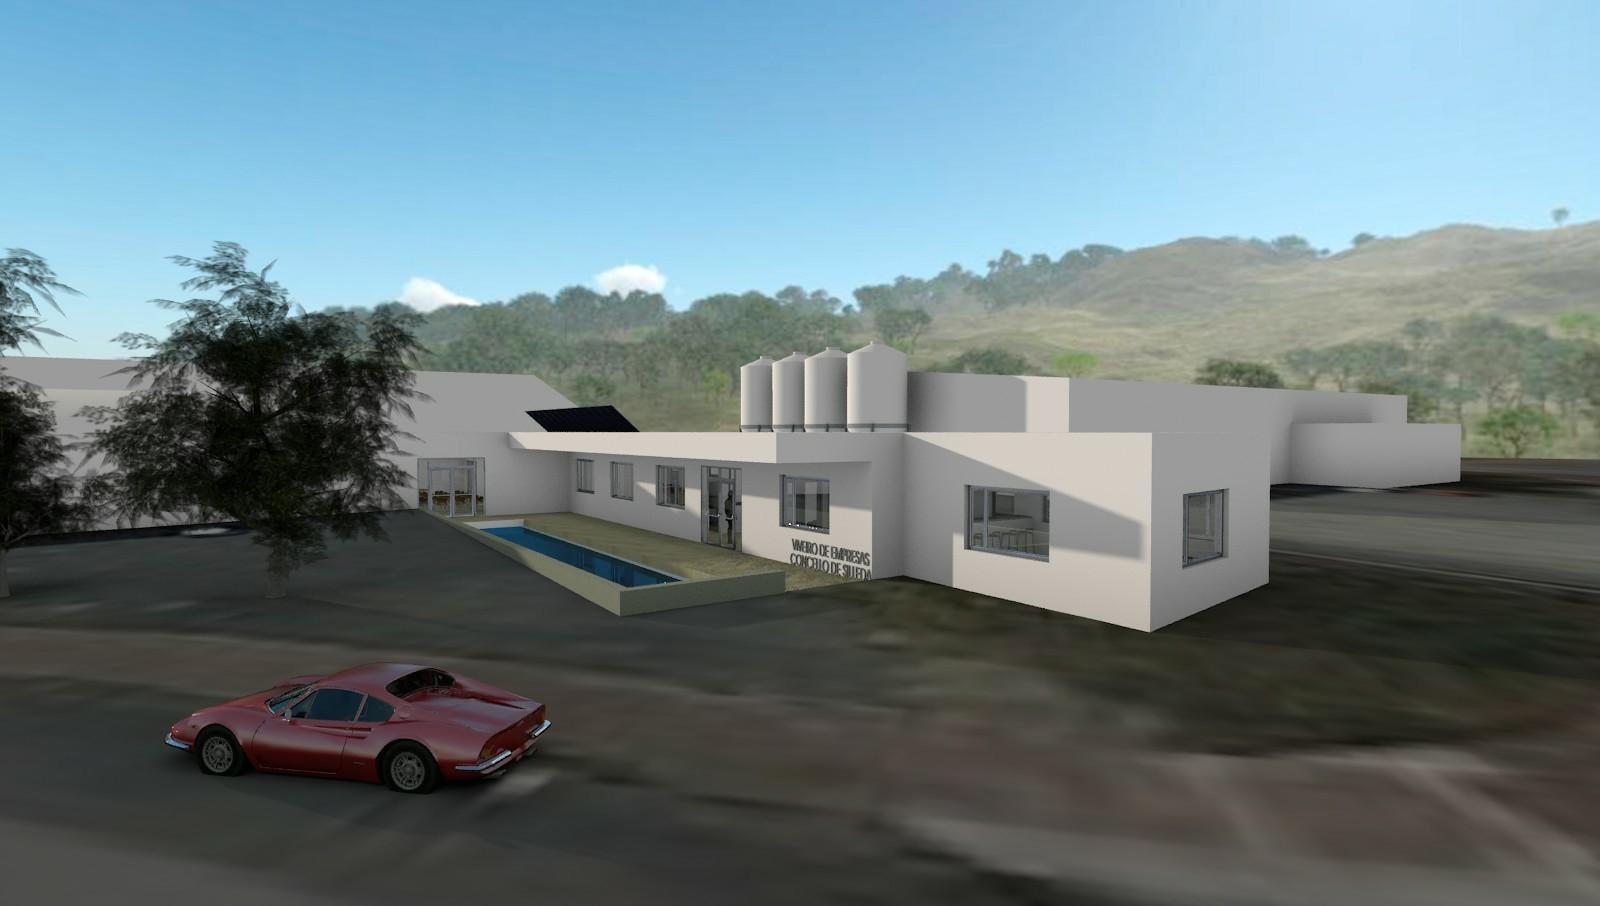 O Concello de Silleda volve concorrer ao programa autonómico para crear un un viveiro de empresas no Polígono Área 33